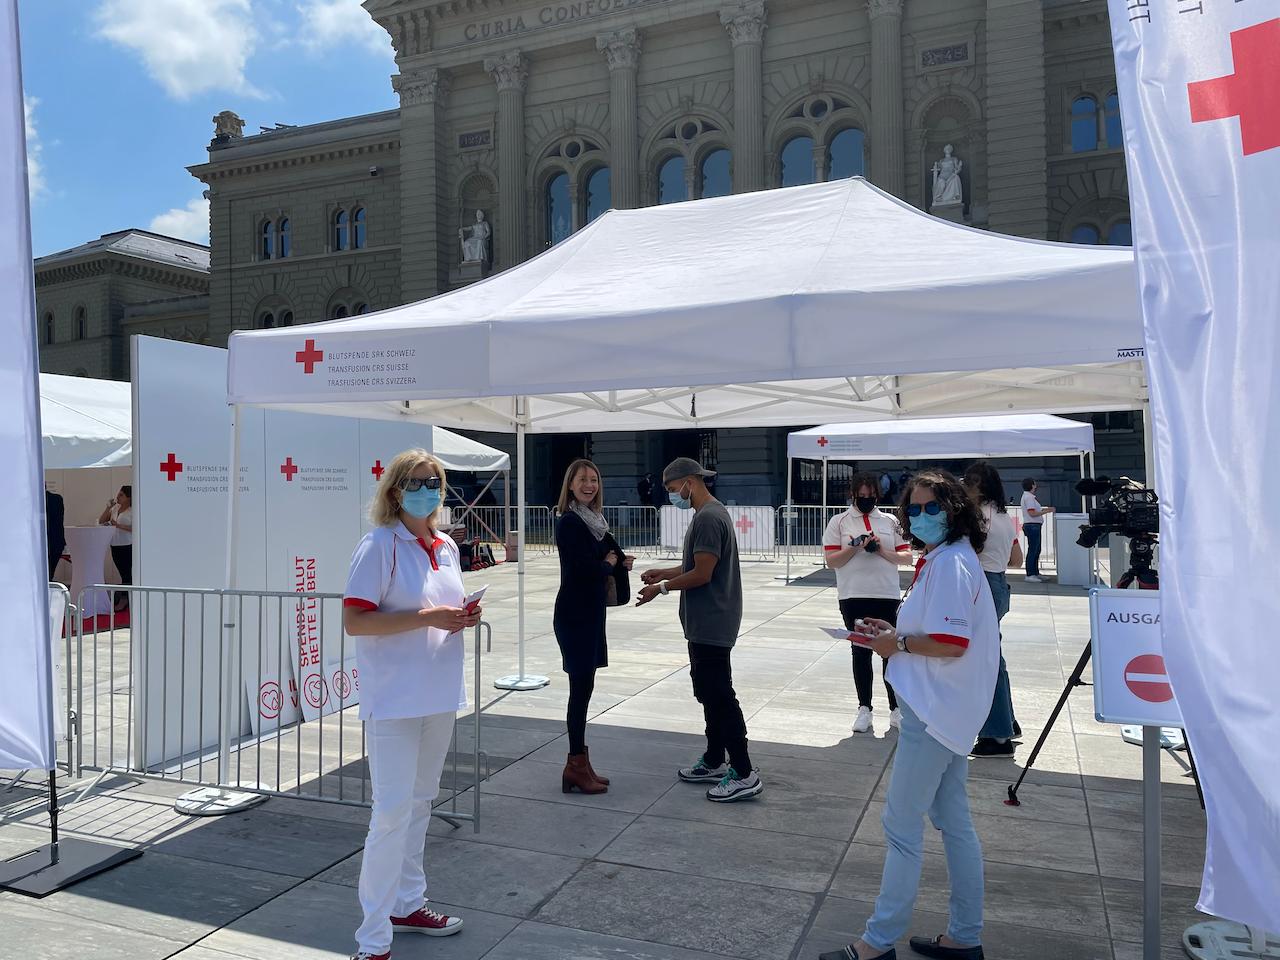 Arcinfo: Don du sang en Suisse: des élus neuchâtelois s'engagent pour les homosexuels